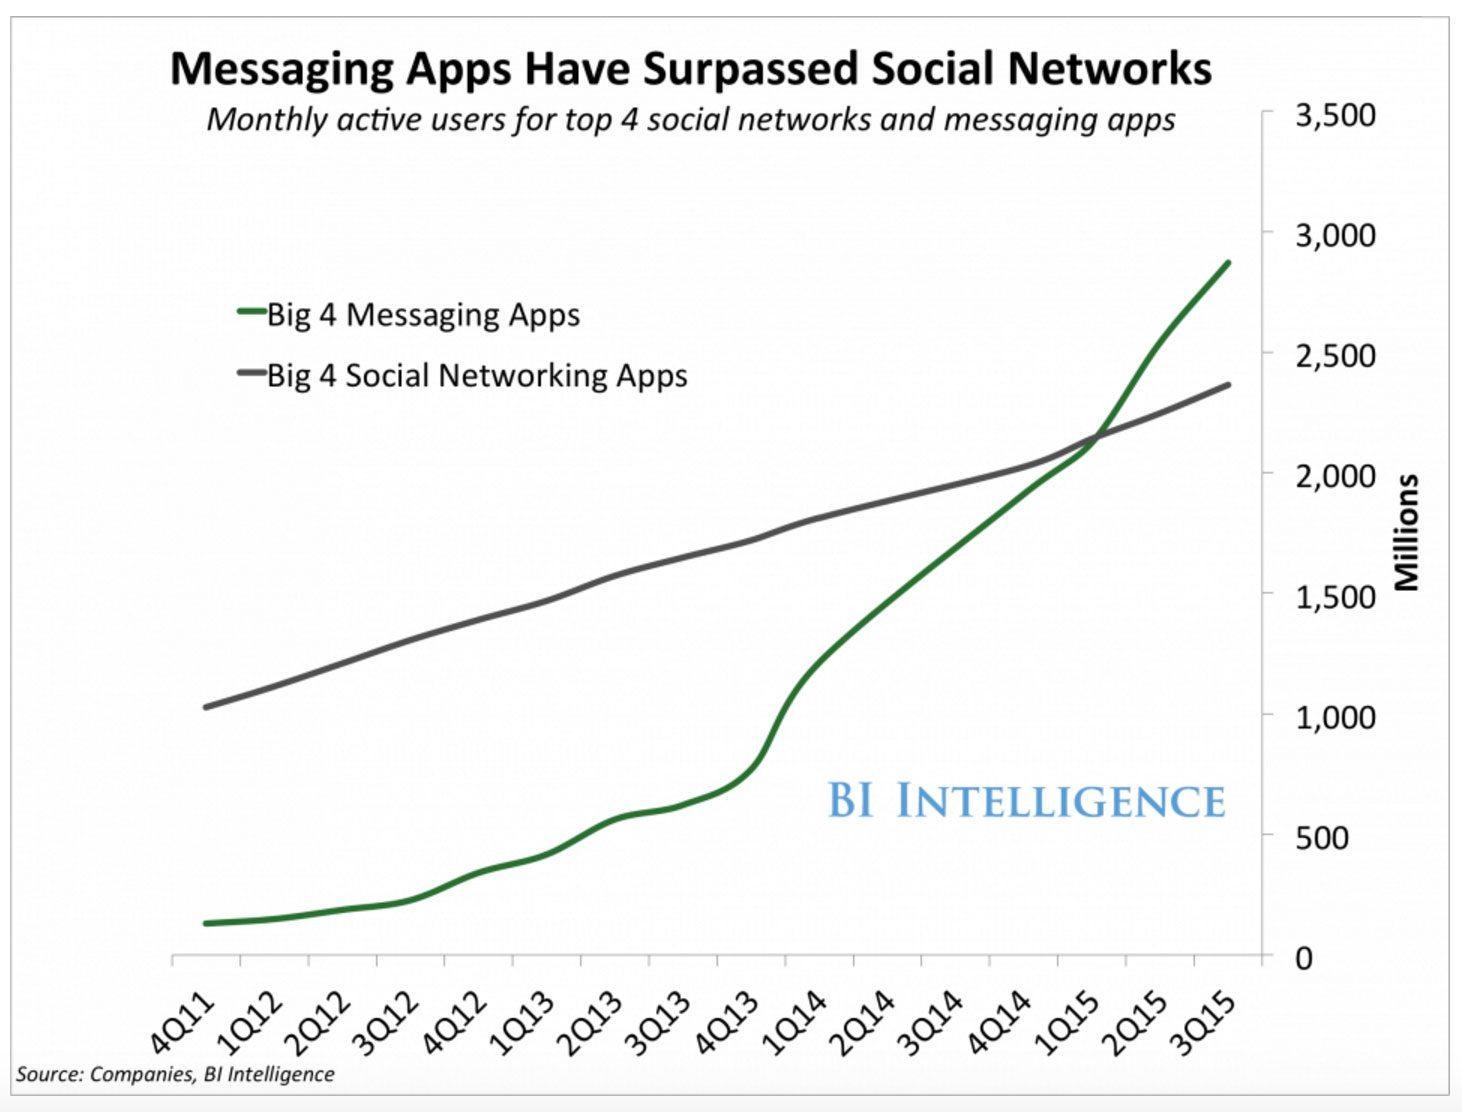 Les échanges par application mobile dépassent ceux sur les réseaux sociaux